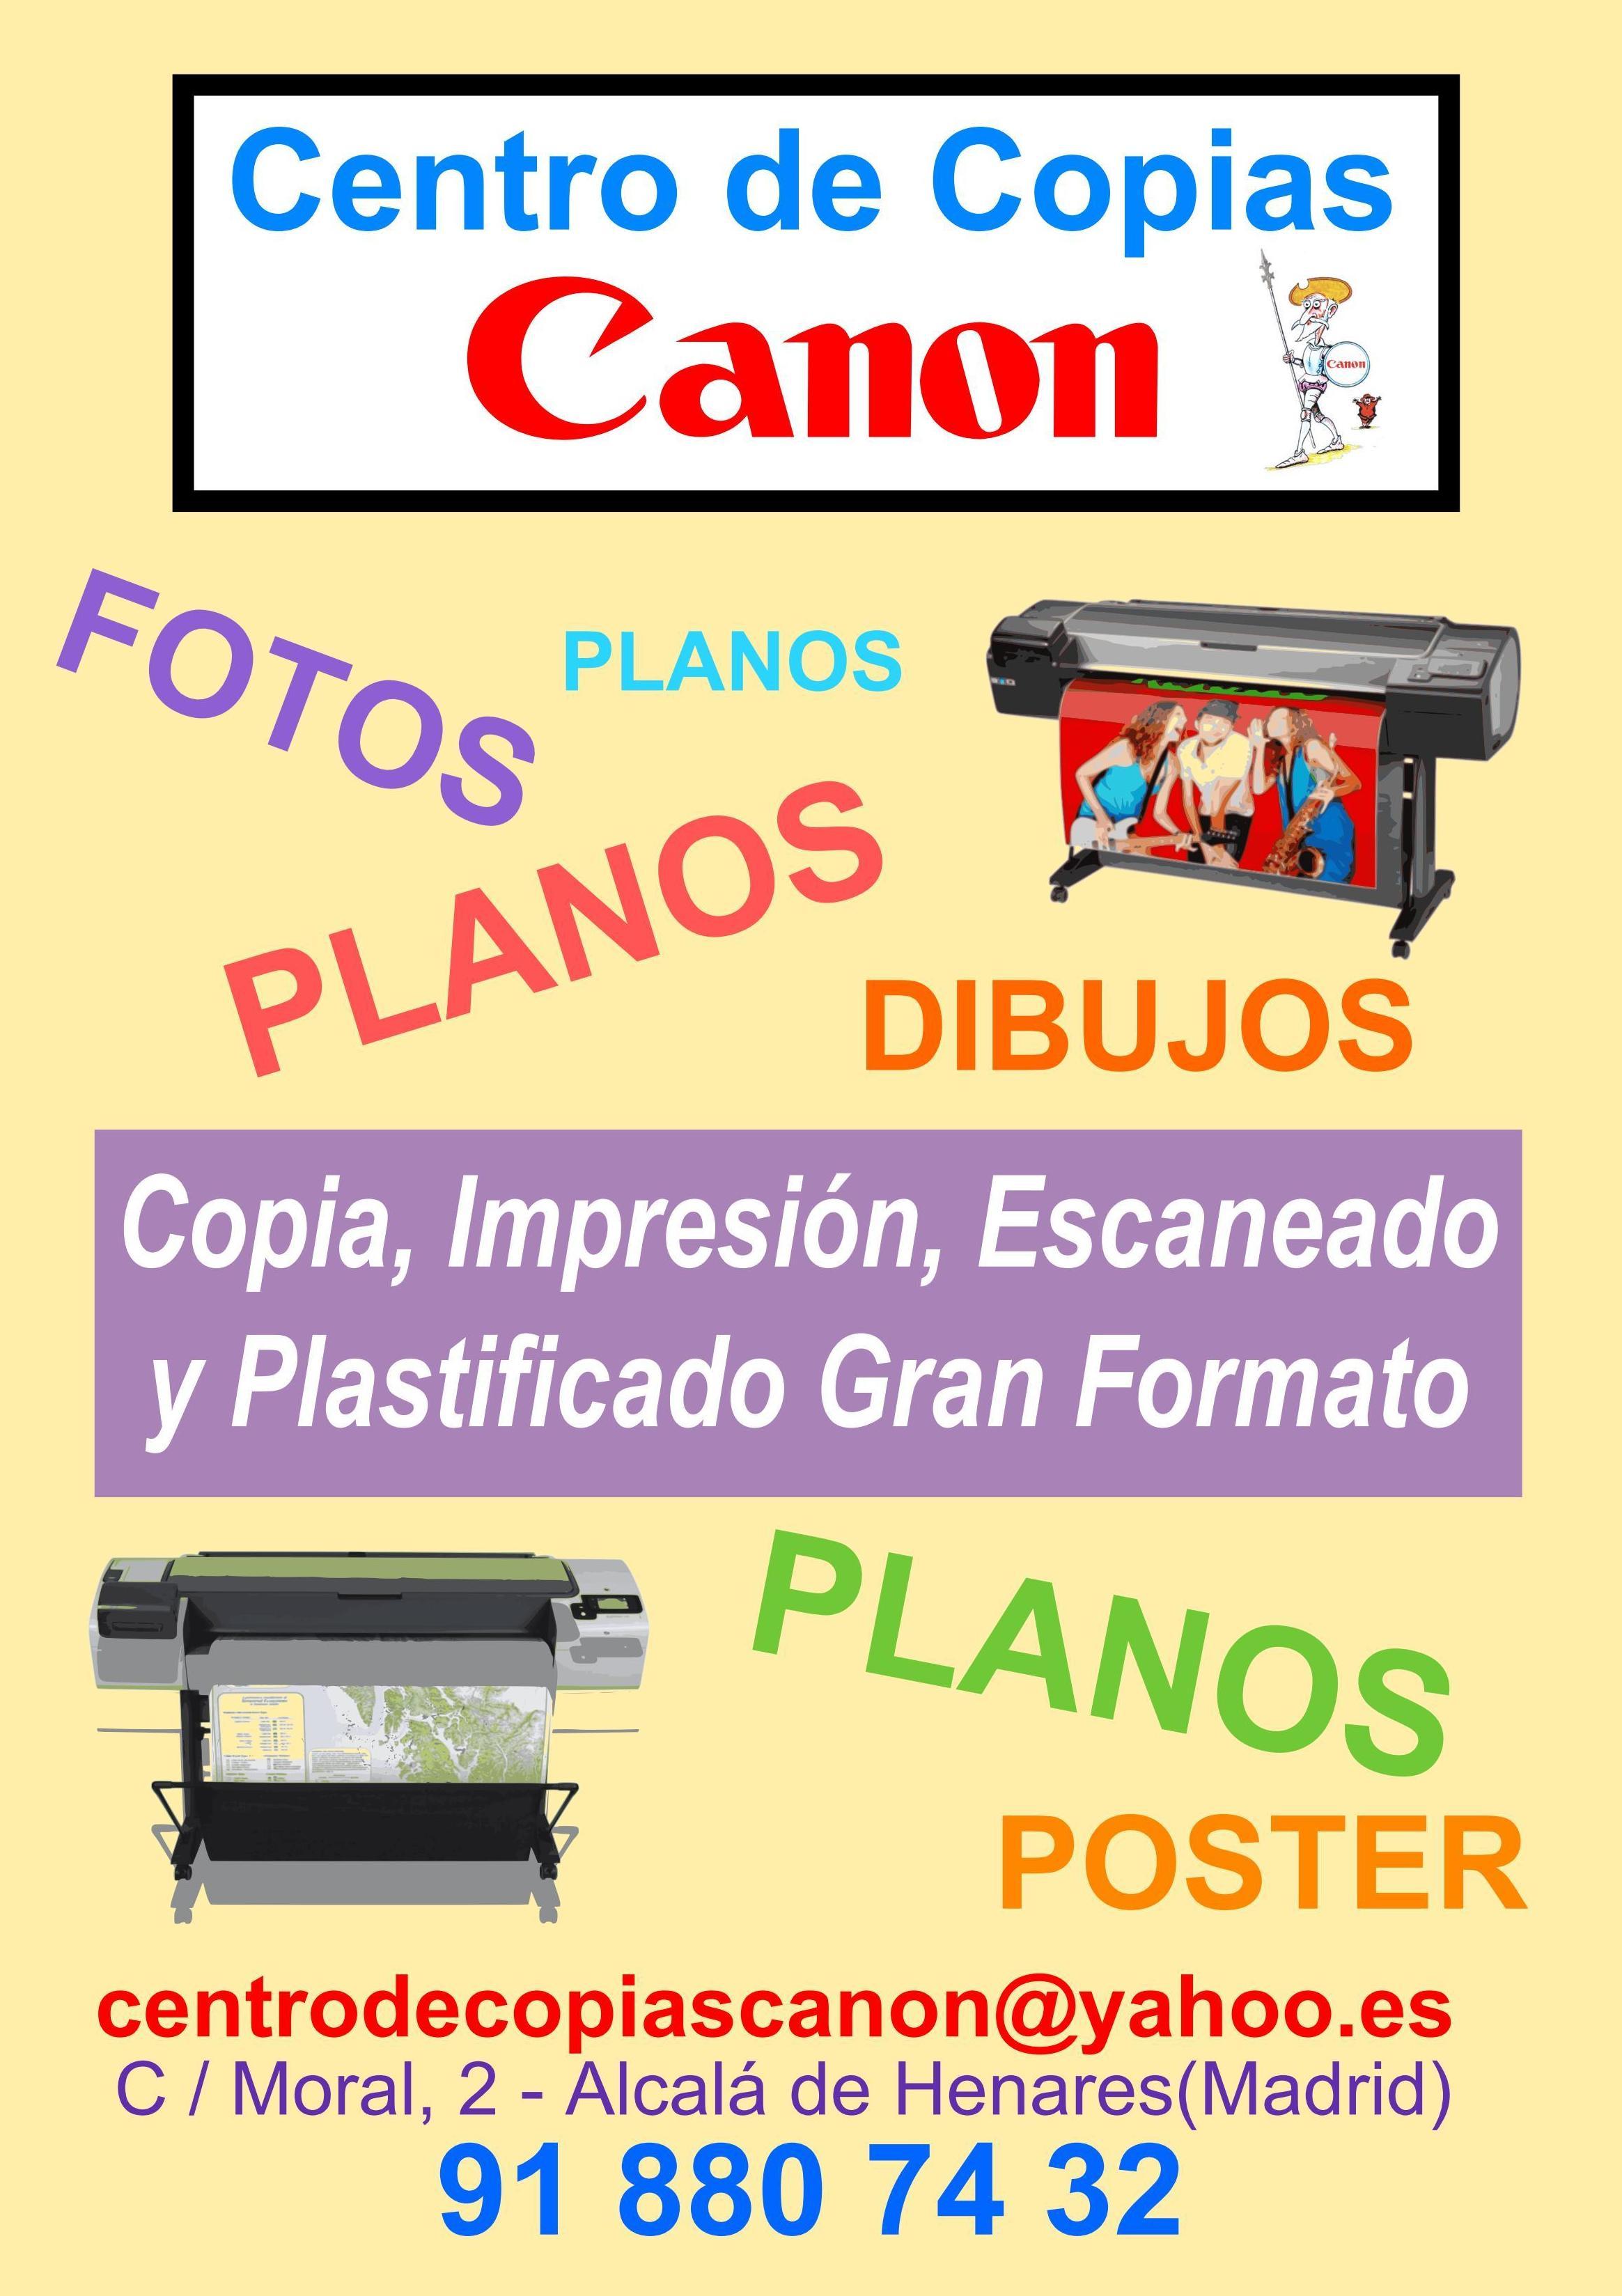 Foto 1 de Copias en Alcalá de Henares | Centro de Copias Canon